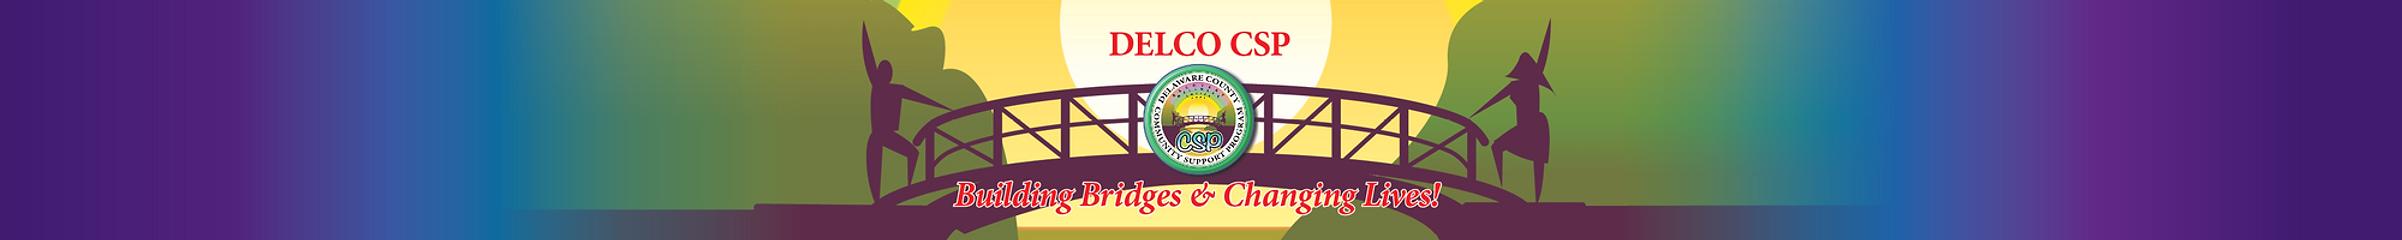 delco_csp_web_header_2021.png